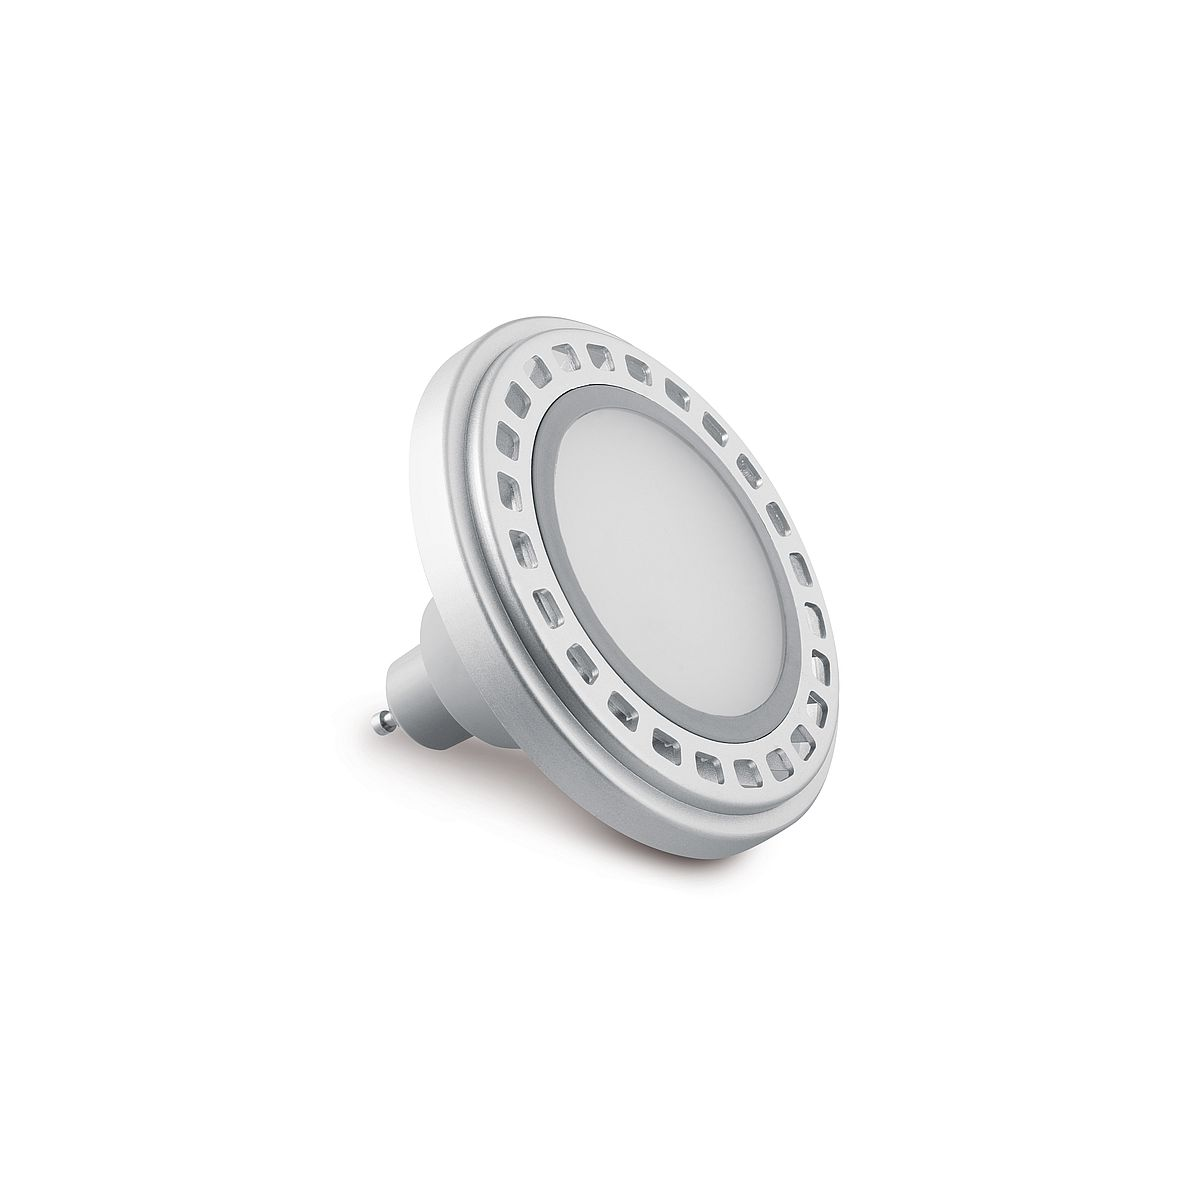 Żarówka LED ES111 12W 120° szara ciepła (LD-ES11175-30)